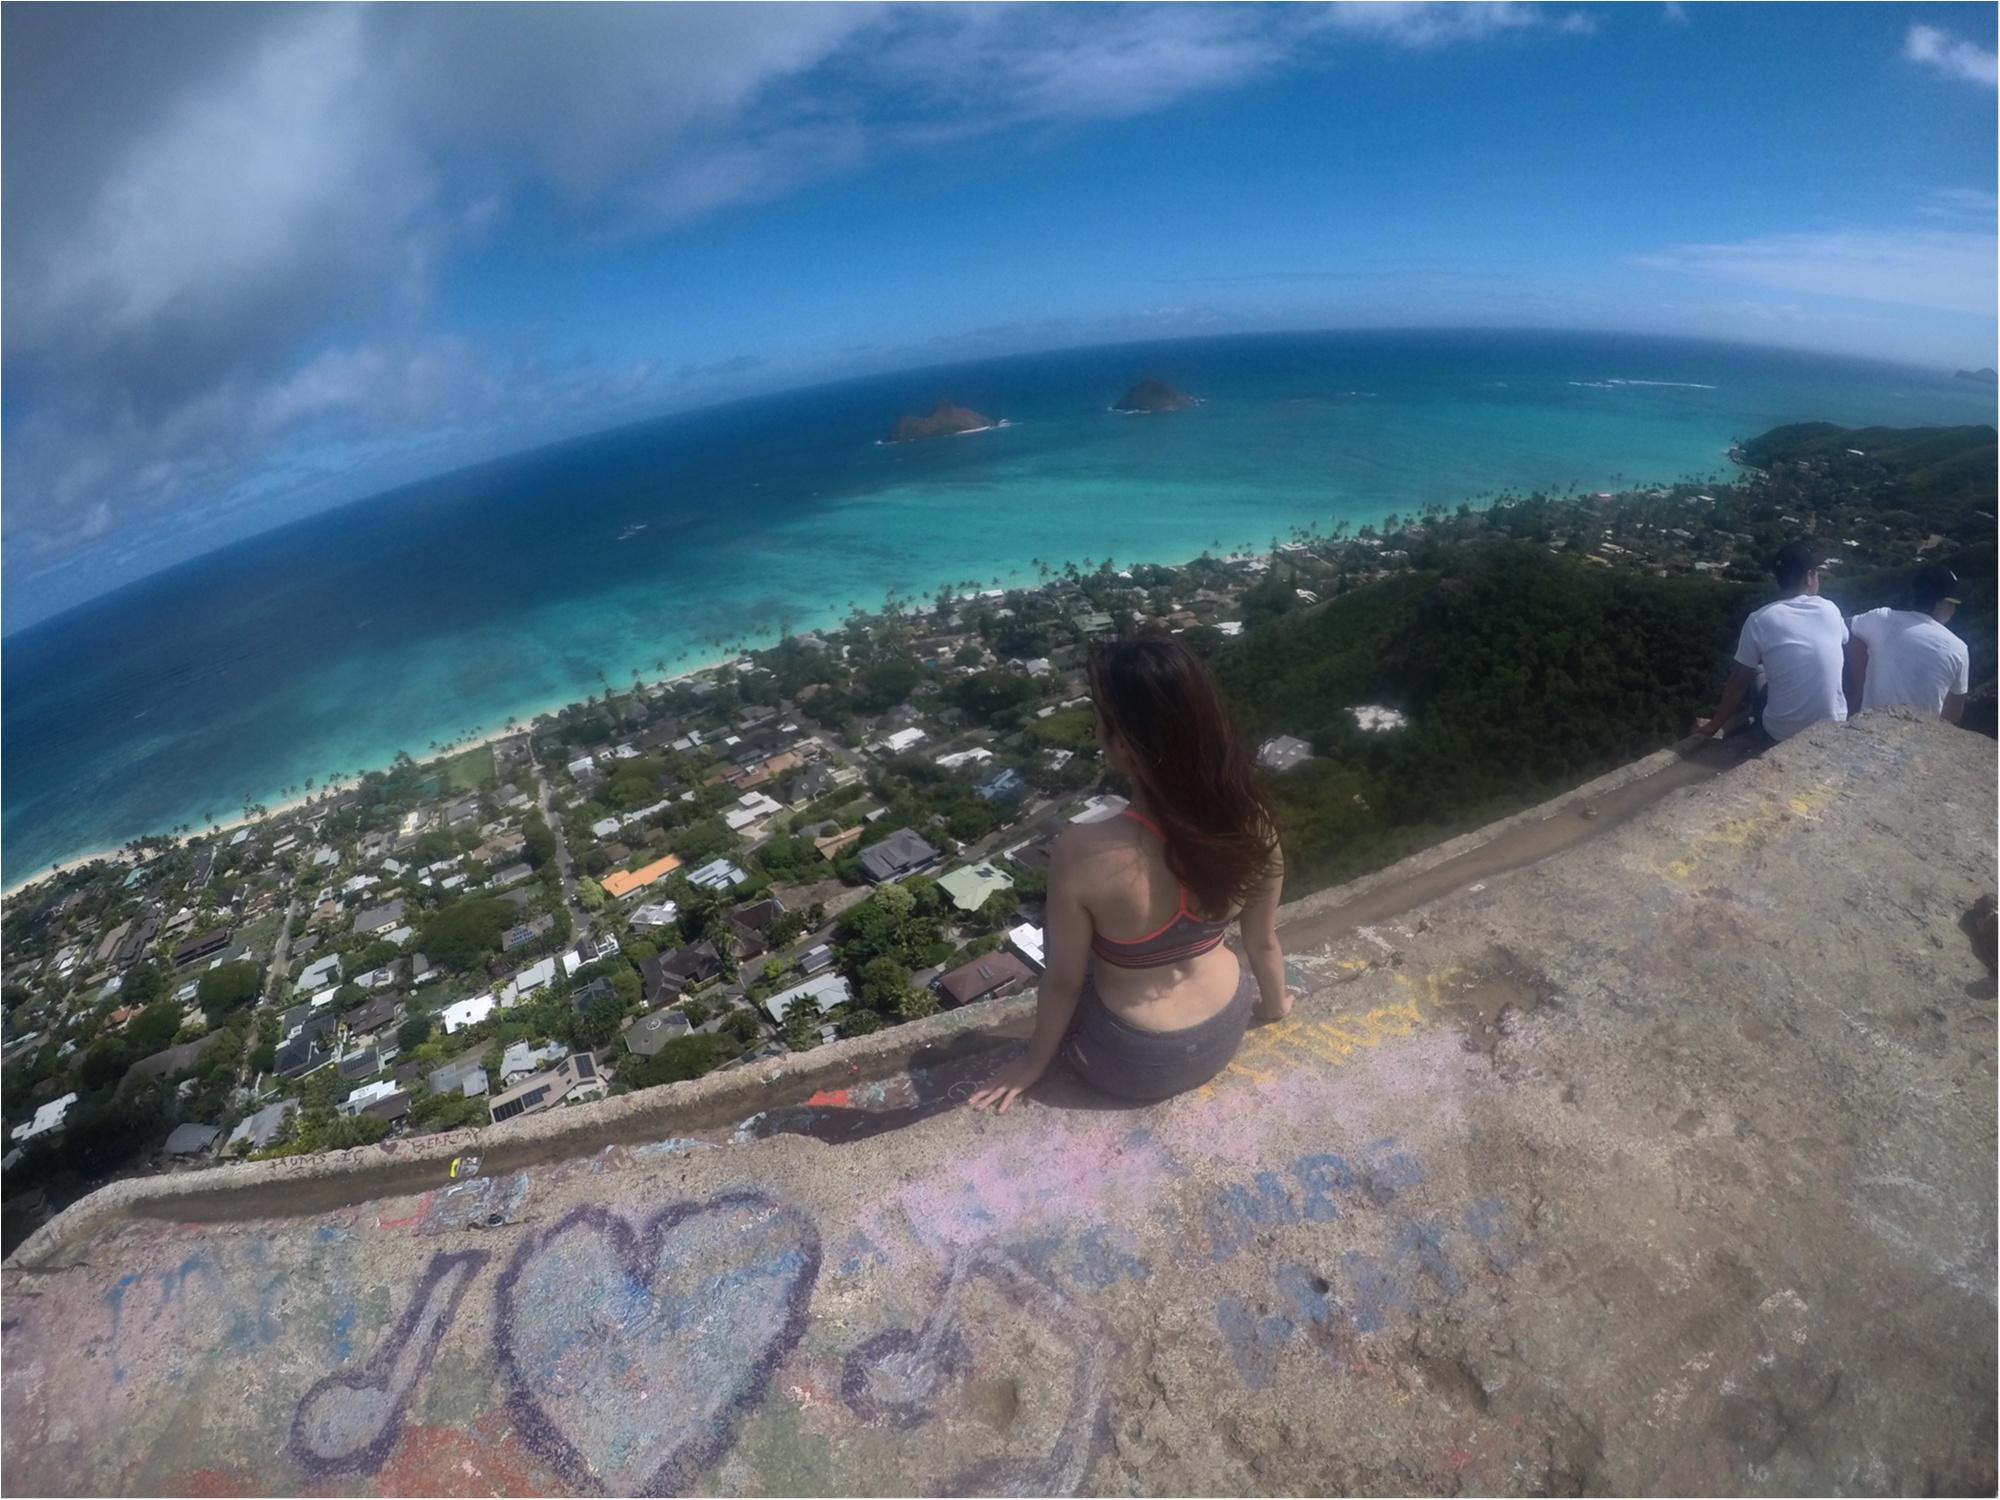 【ハワイ旅①】ダイヤモンドヘッドだけじゃない、ハワイのハイキング!キツい分それ以上の景色と感動が待っていました♡♡♡_2